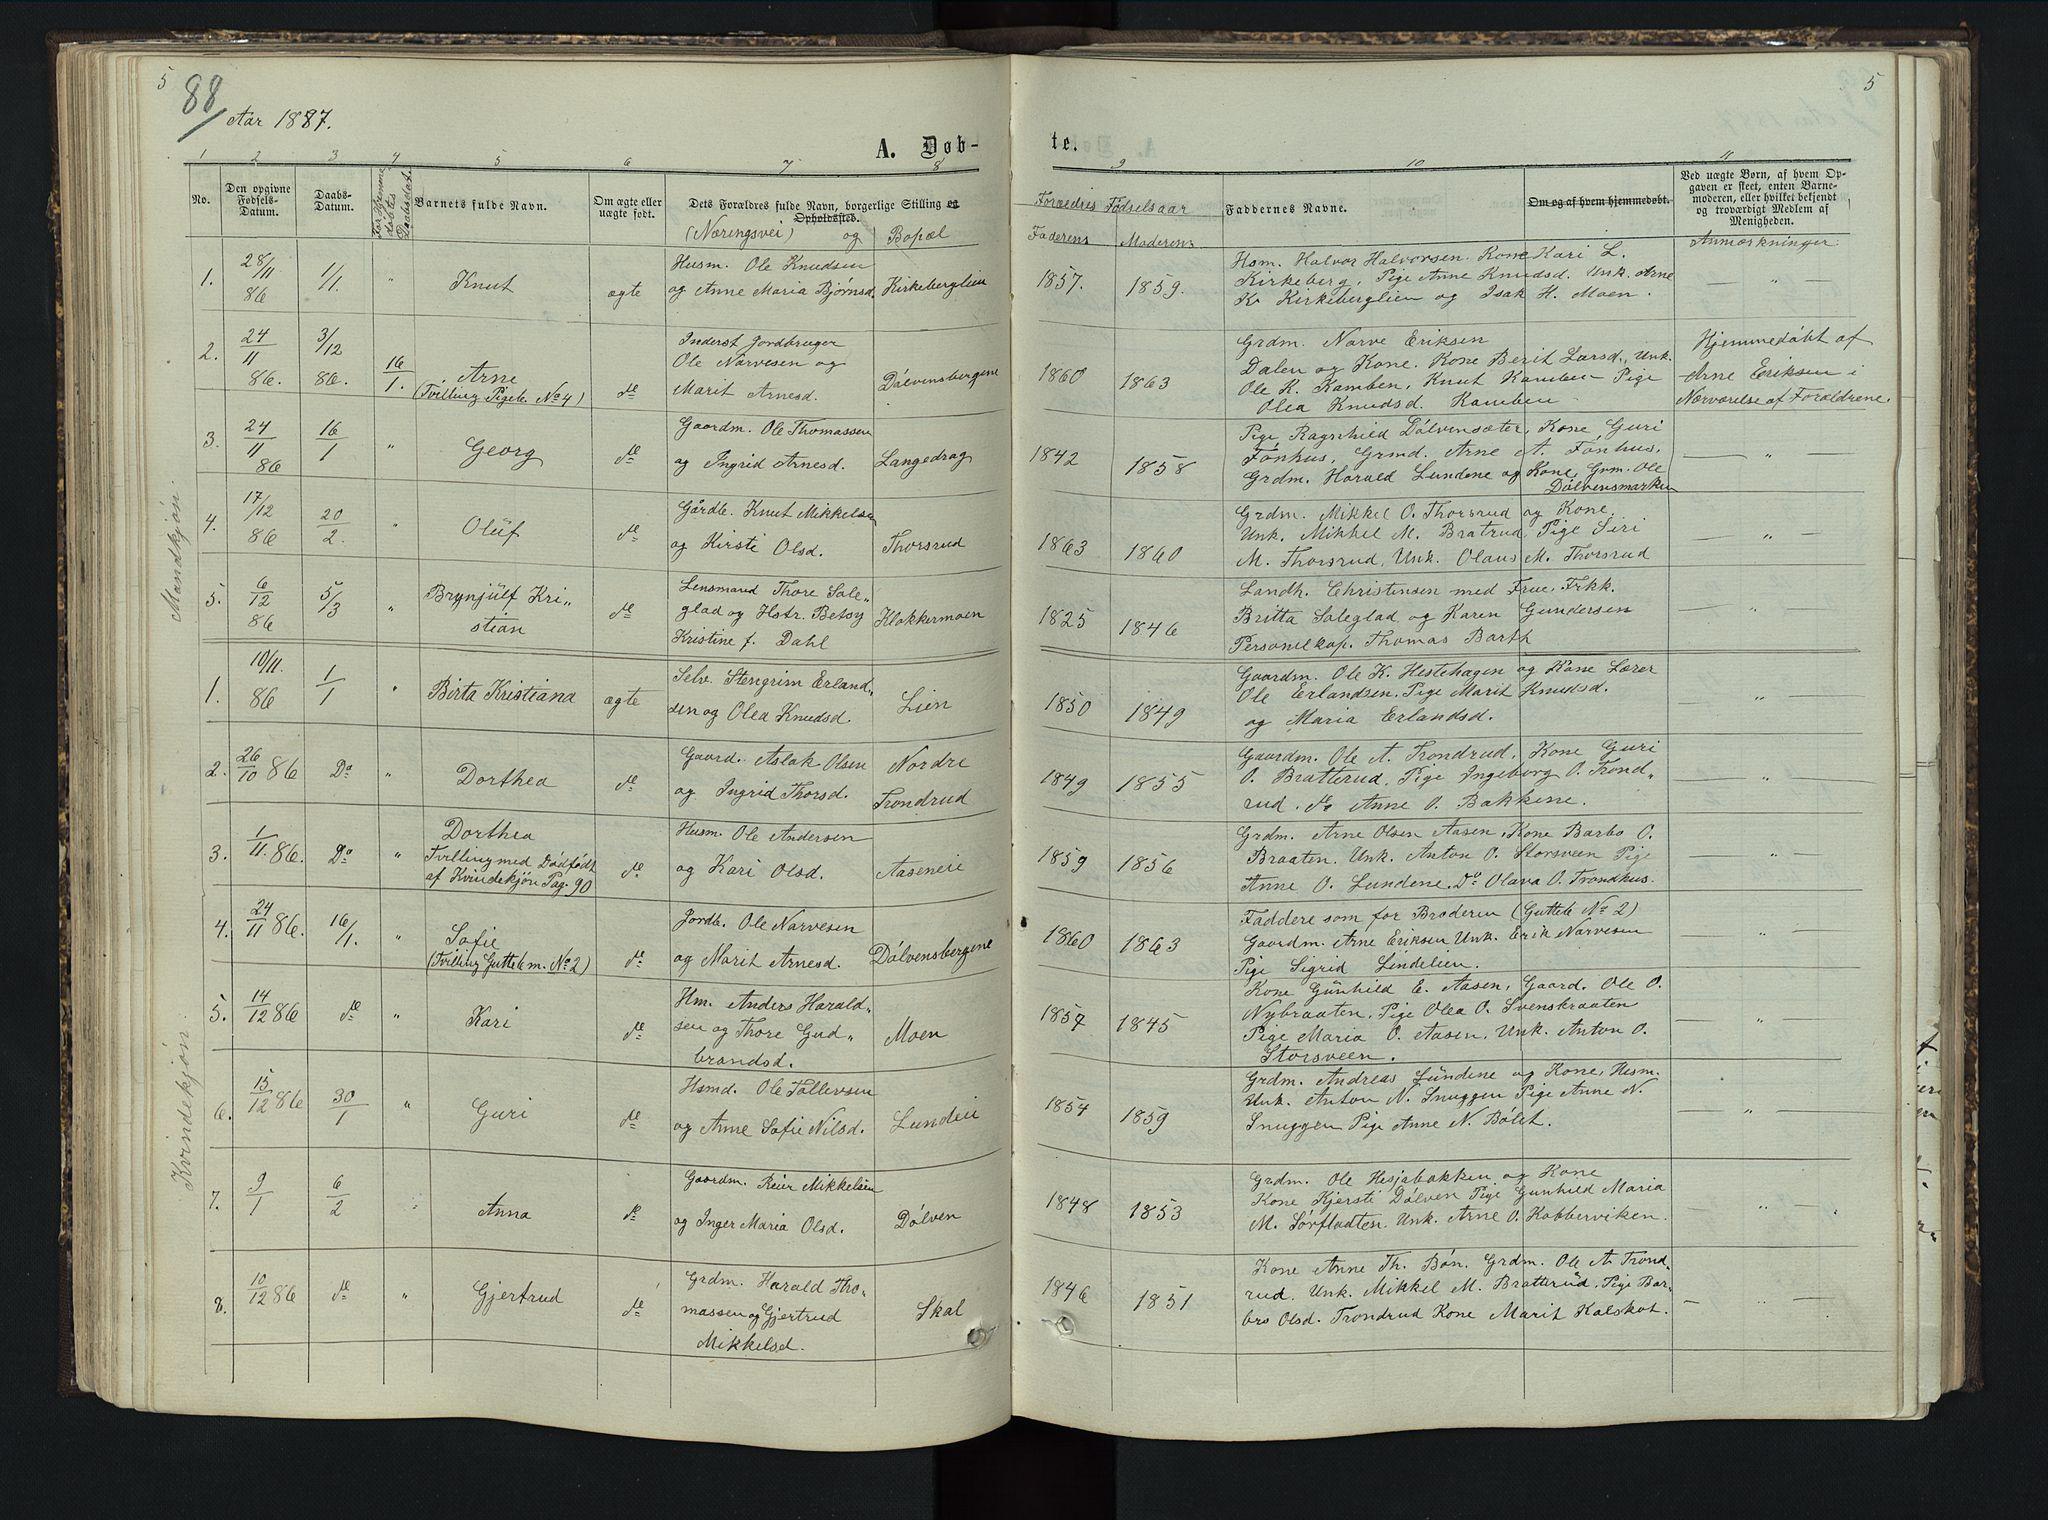 SAH, Sør-Aurdal prestekontor, Klokkerbok nr. 5, 1866-1893, s. 88